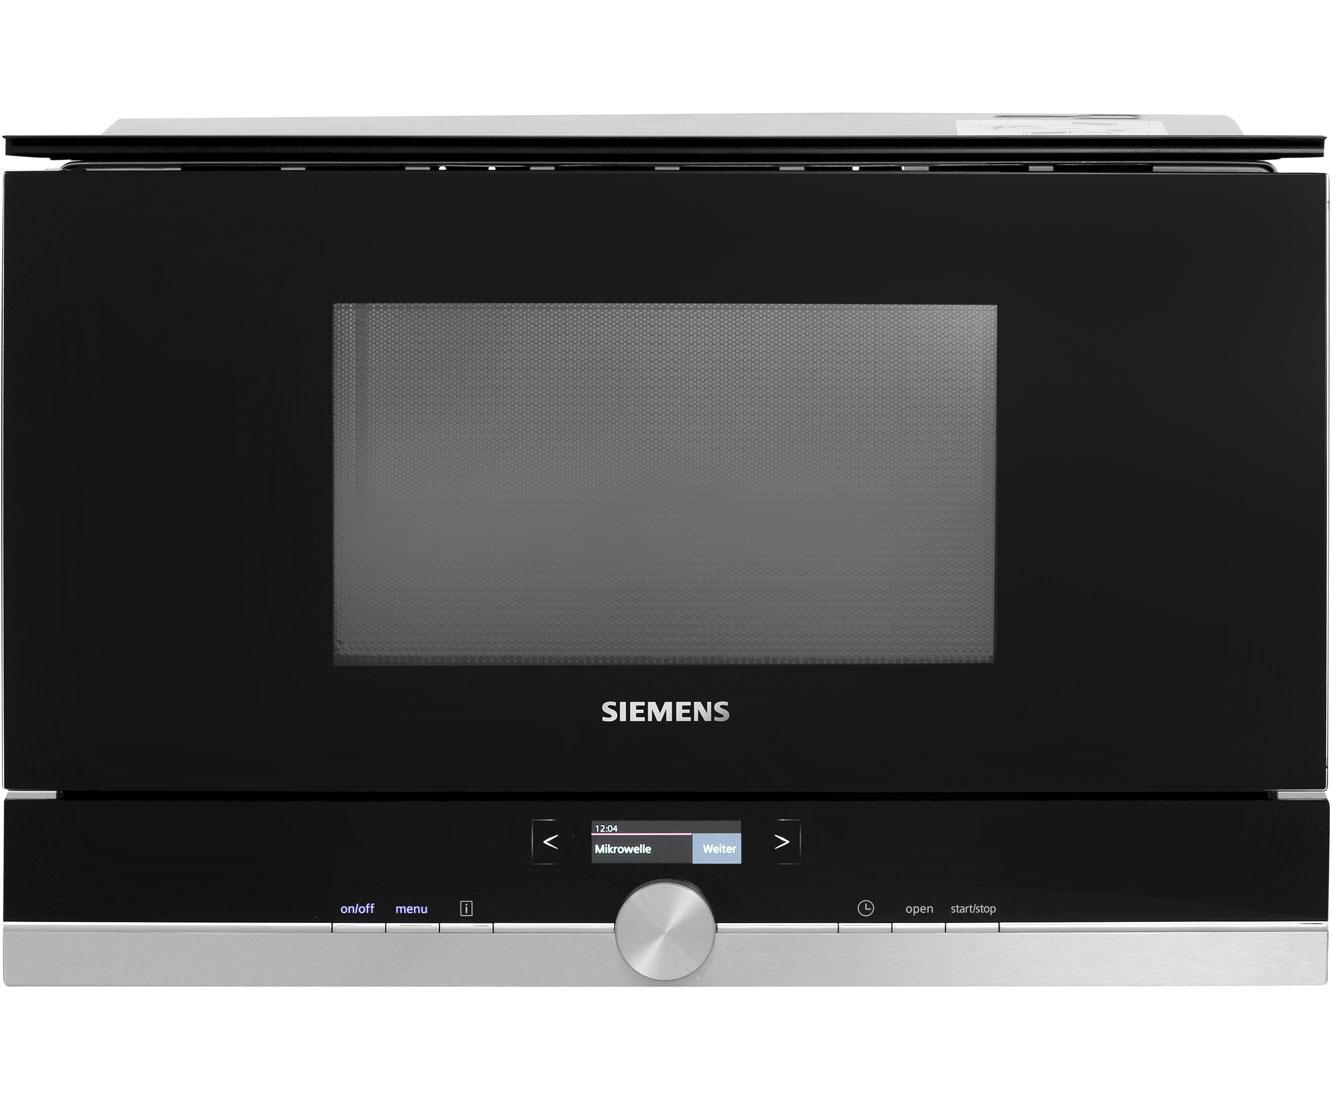 Siemens Einbau Mikrowelle Mit Grill Und Heissluft